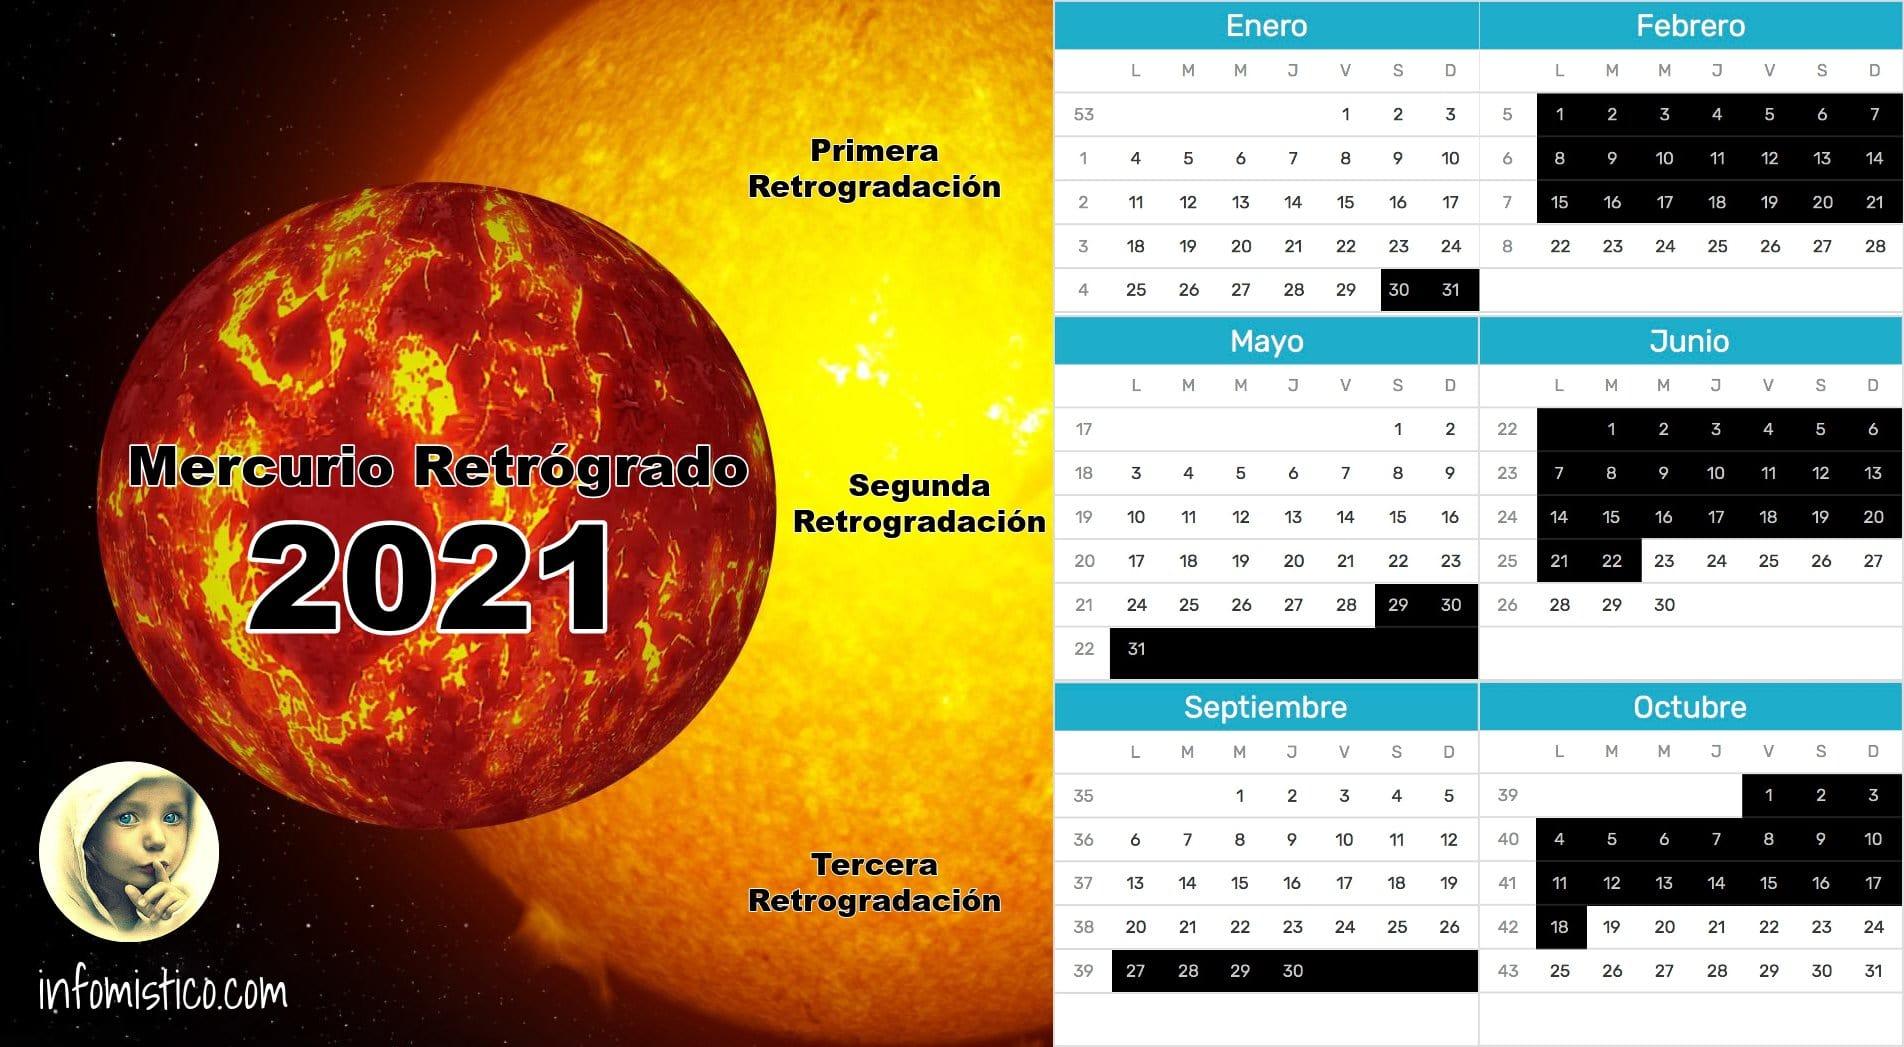 Calendario Mercurio Retrógrado 2021